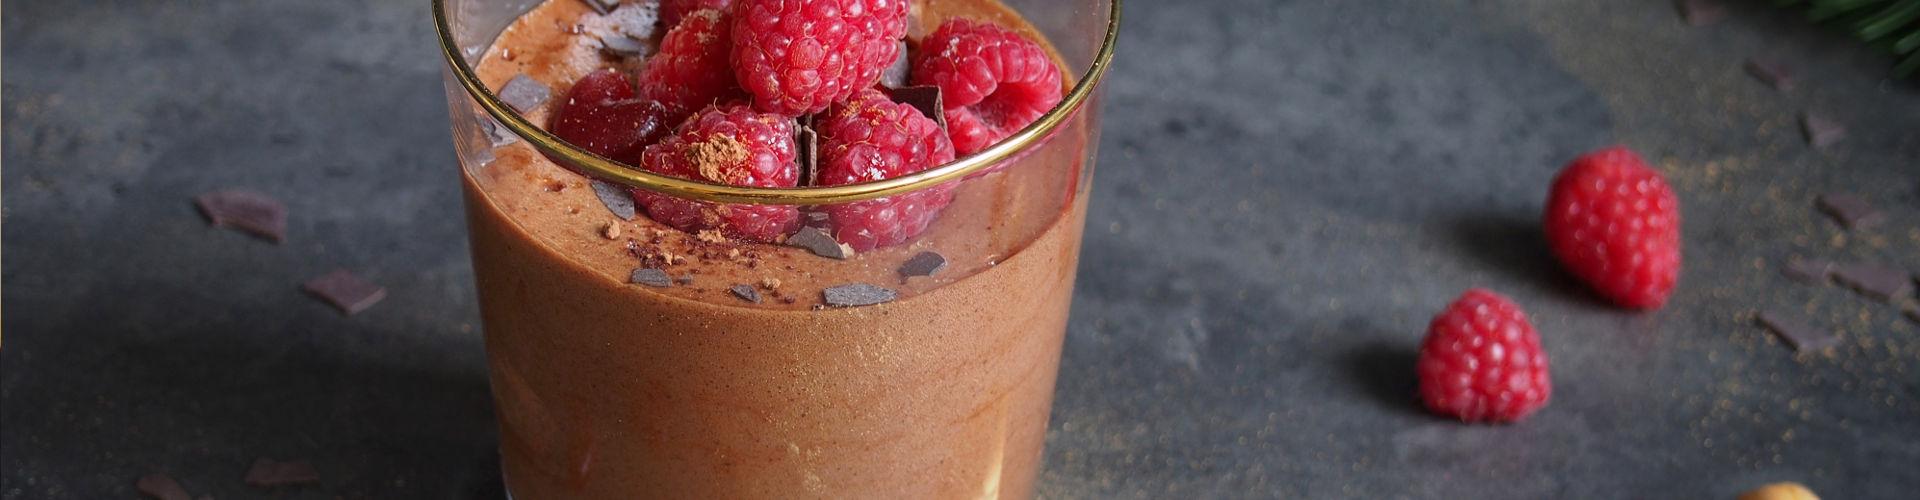 mousse-au-chocolat-serviervorschlag